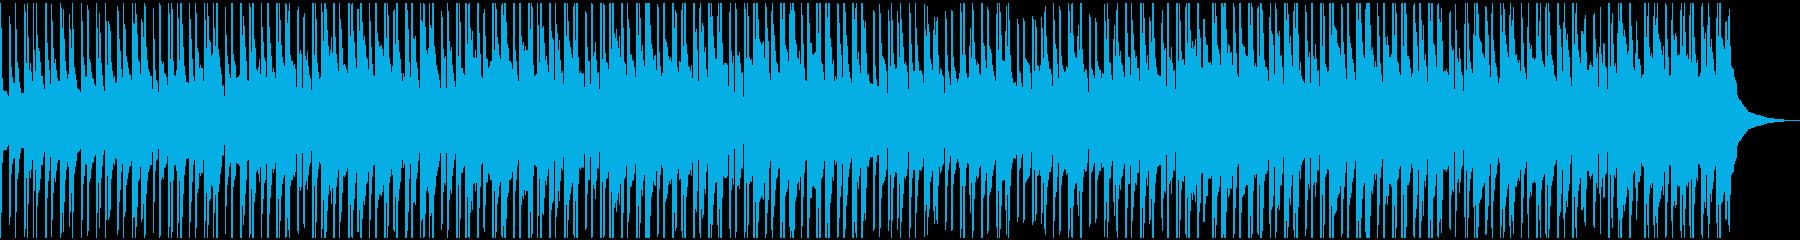 口笛とウクレレの明るい楽曲の再生済みの波形